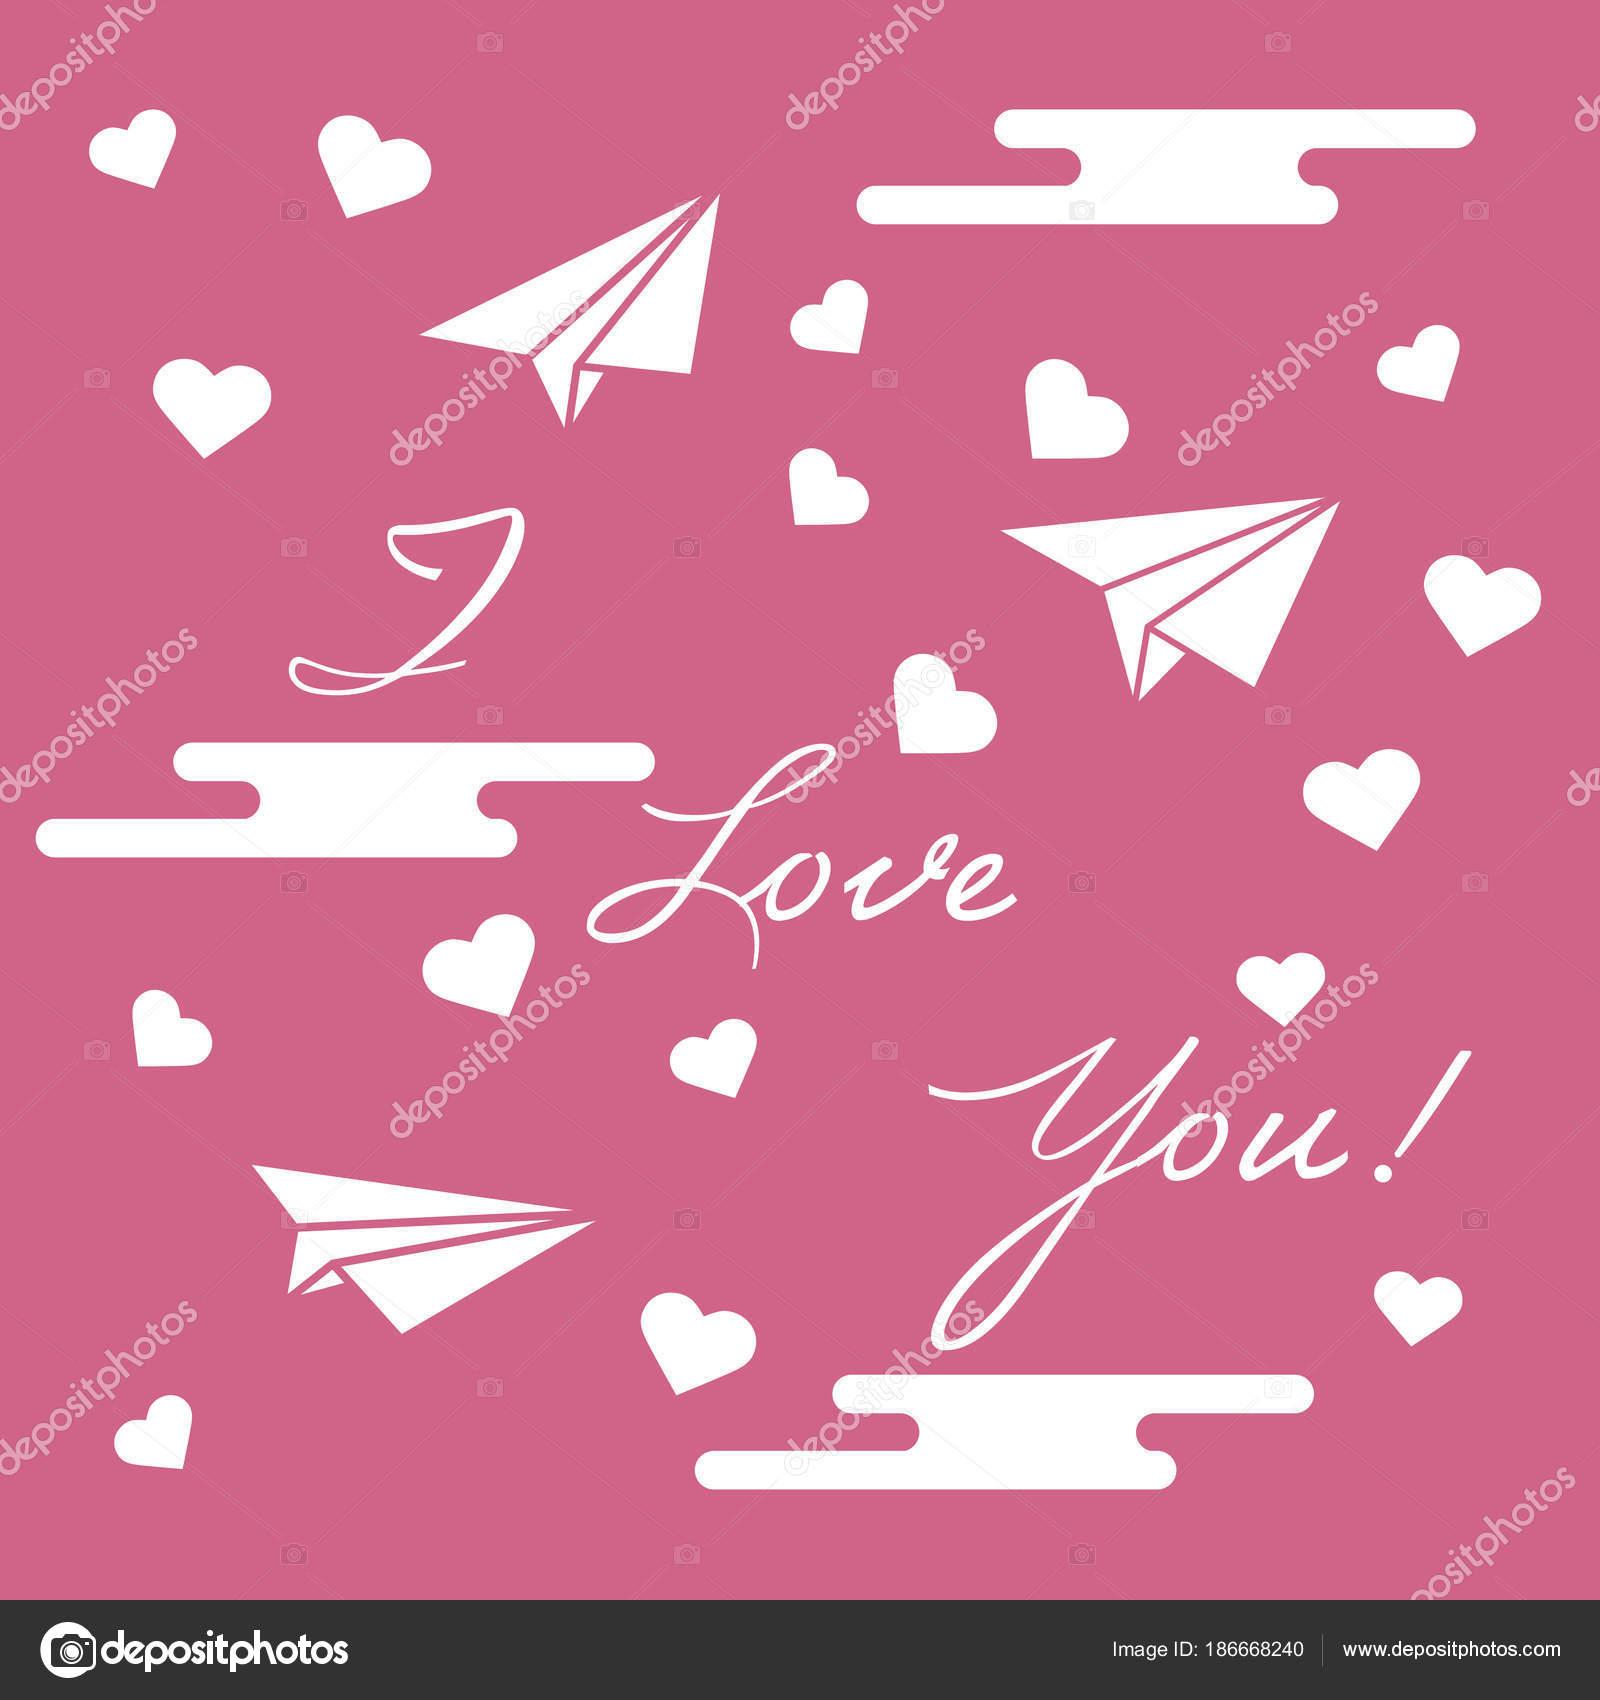 Papierflieger, Herzen, Wolken. Zum Valentinstag — Stockvektor ...